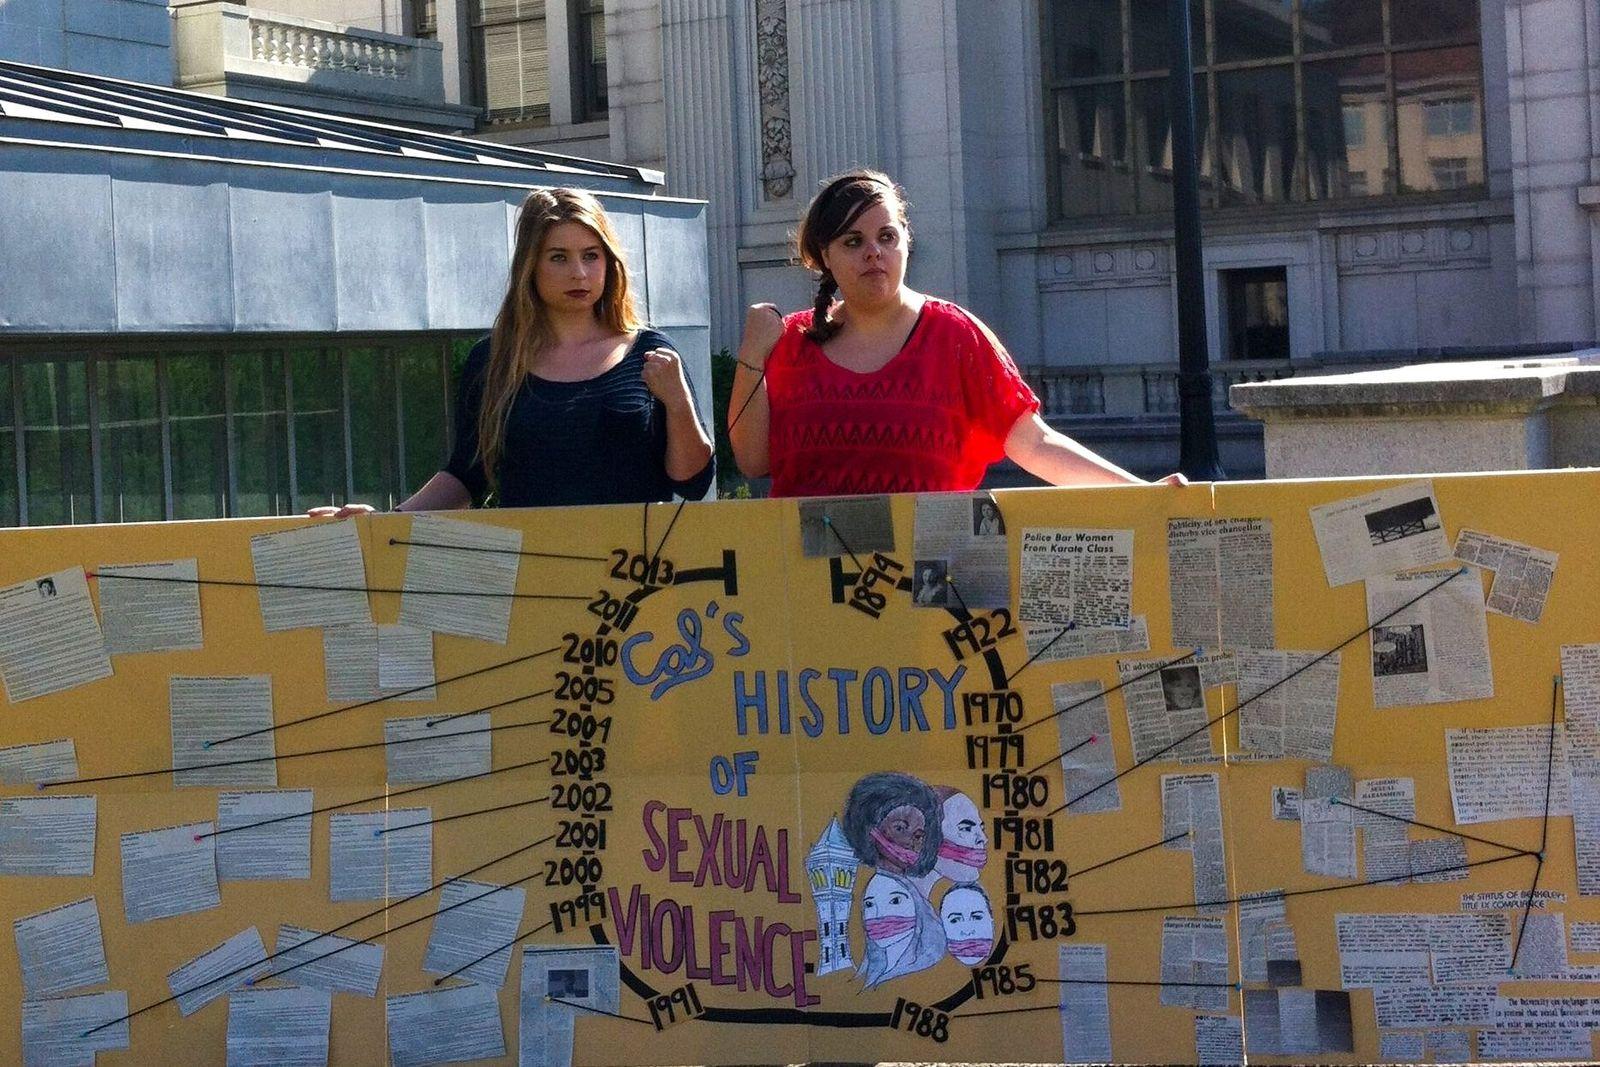 EINMALIGE VERWENDUNG US-Unis / Vergewaltigungen / Sofie Karasek und Studentin